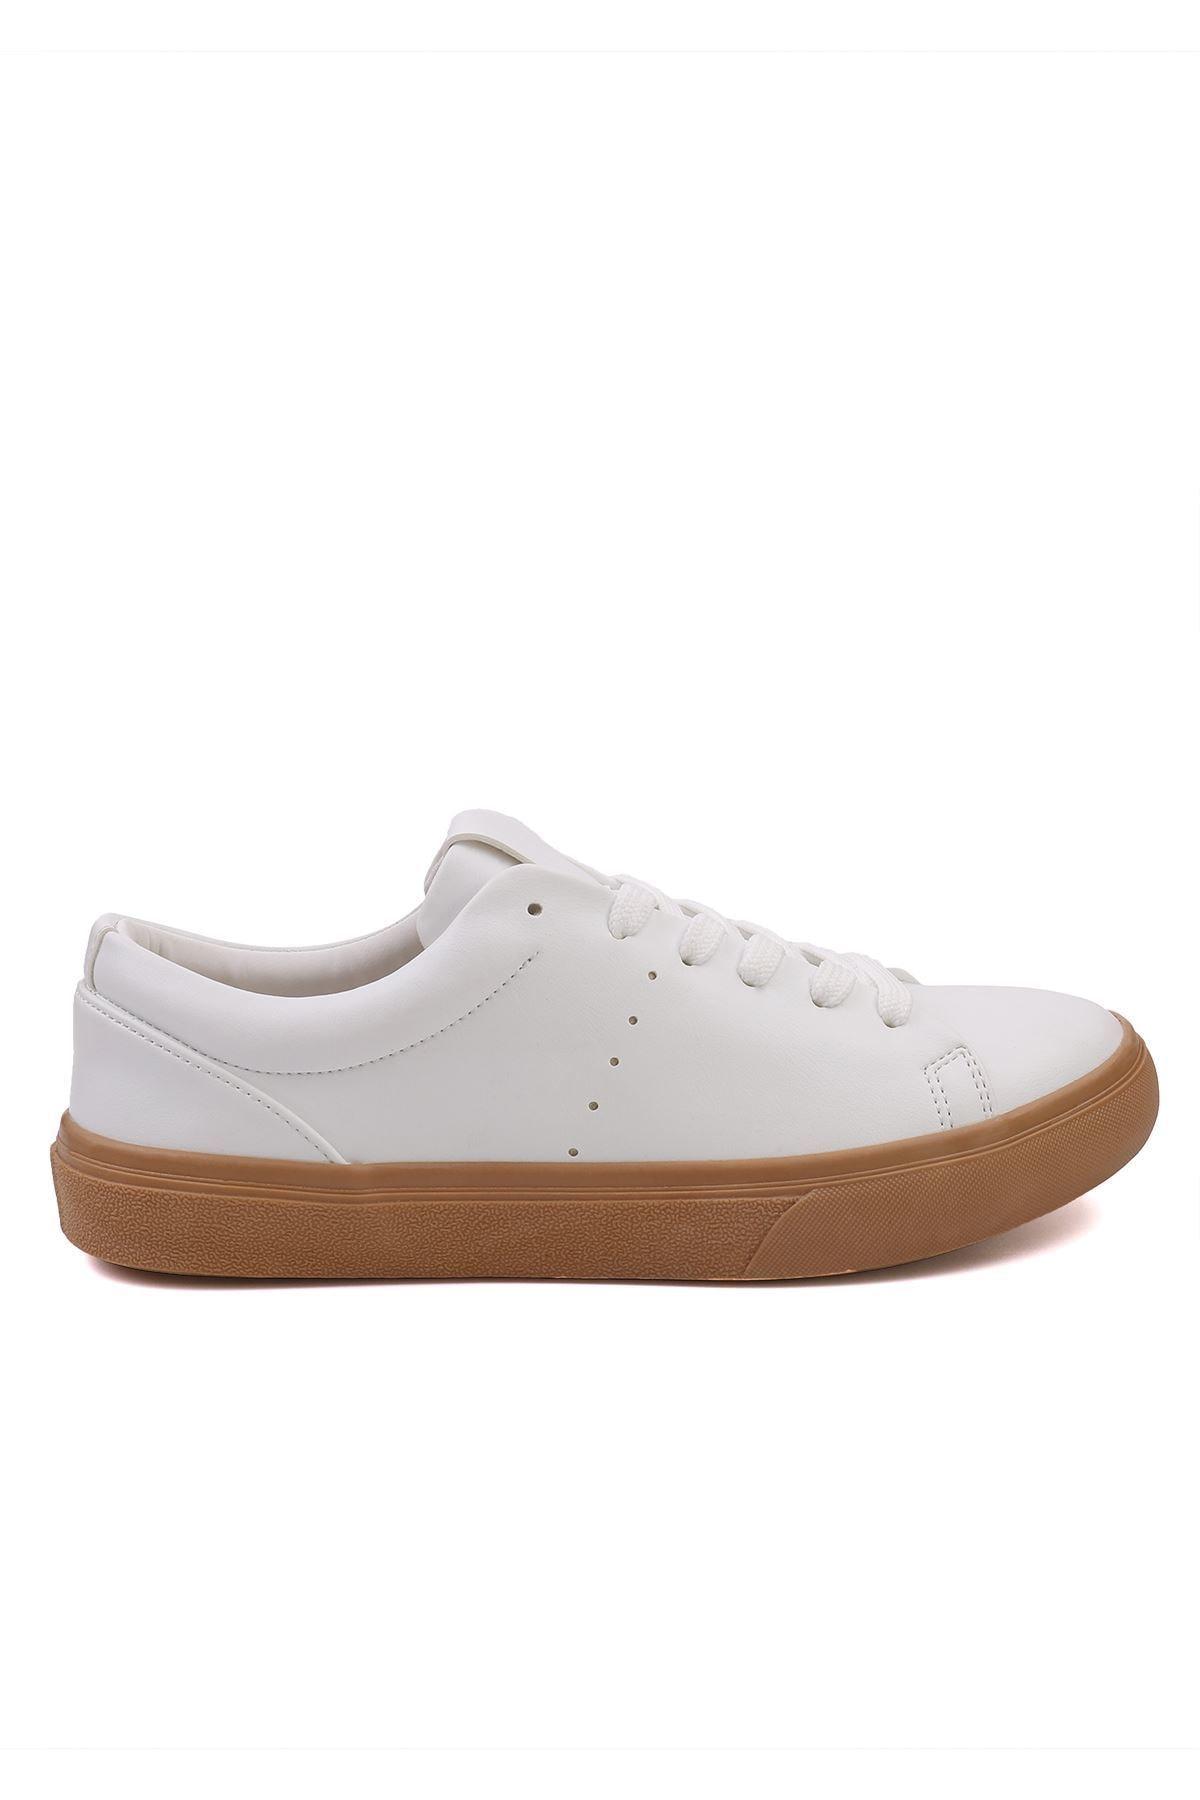 LETOON Erkek Sneaker - 3537MR 1